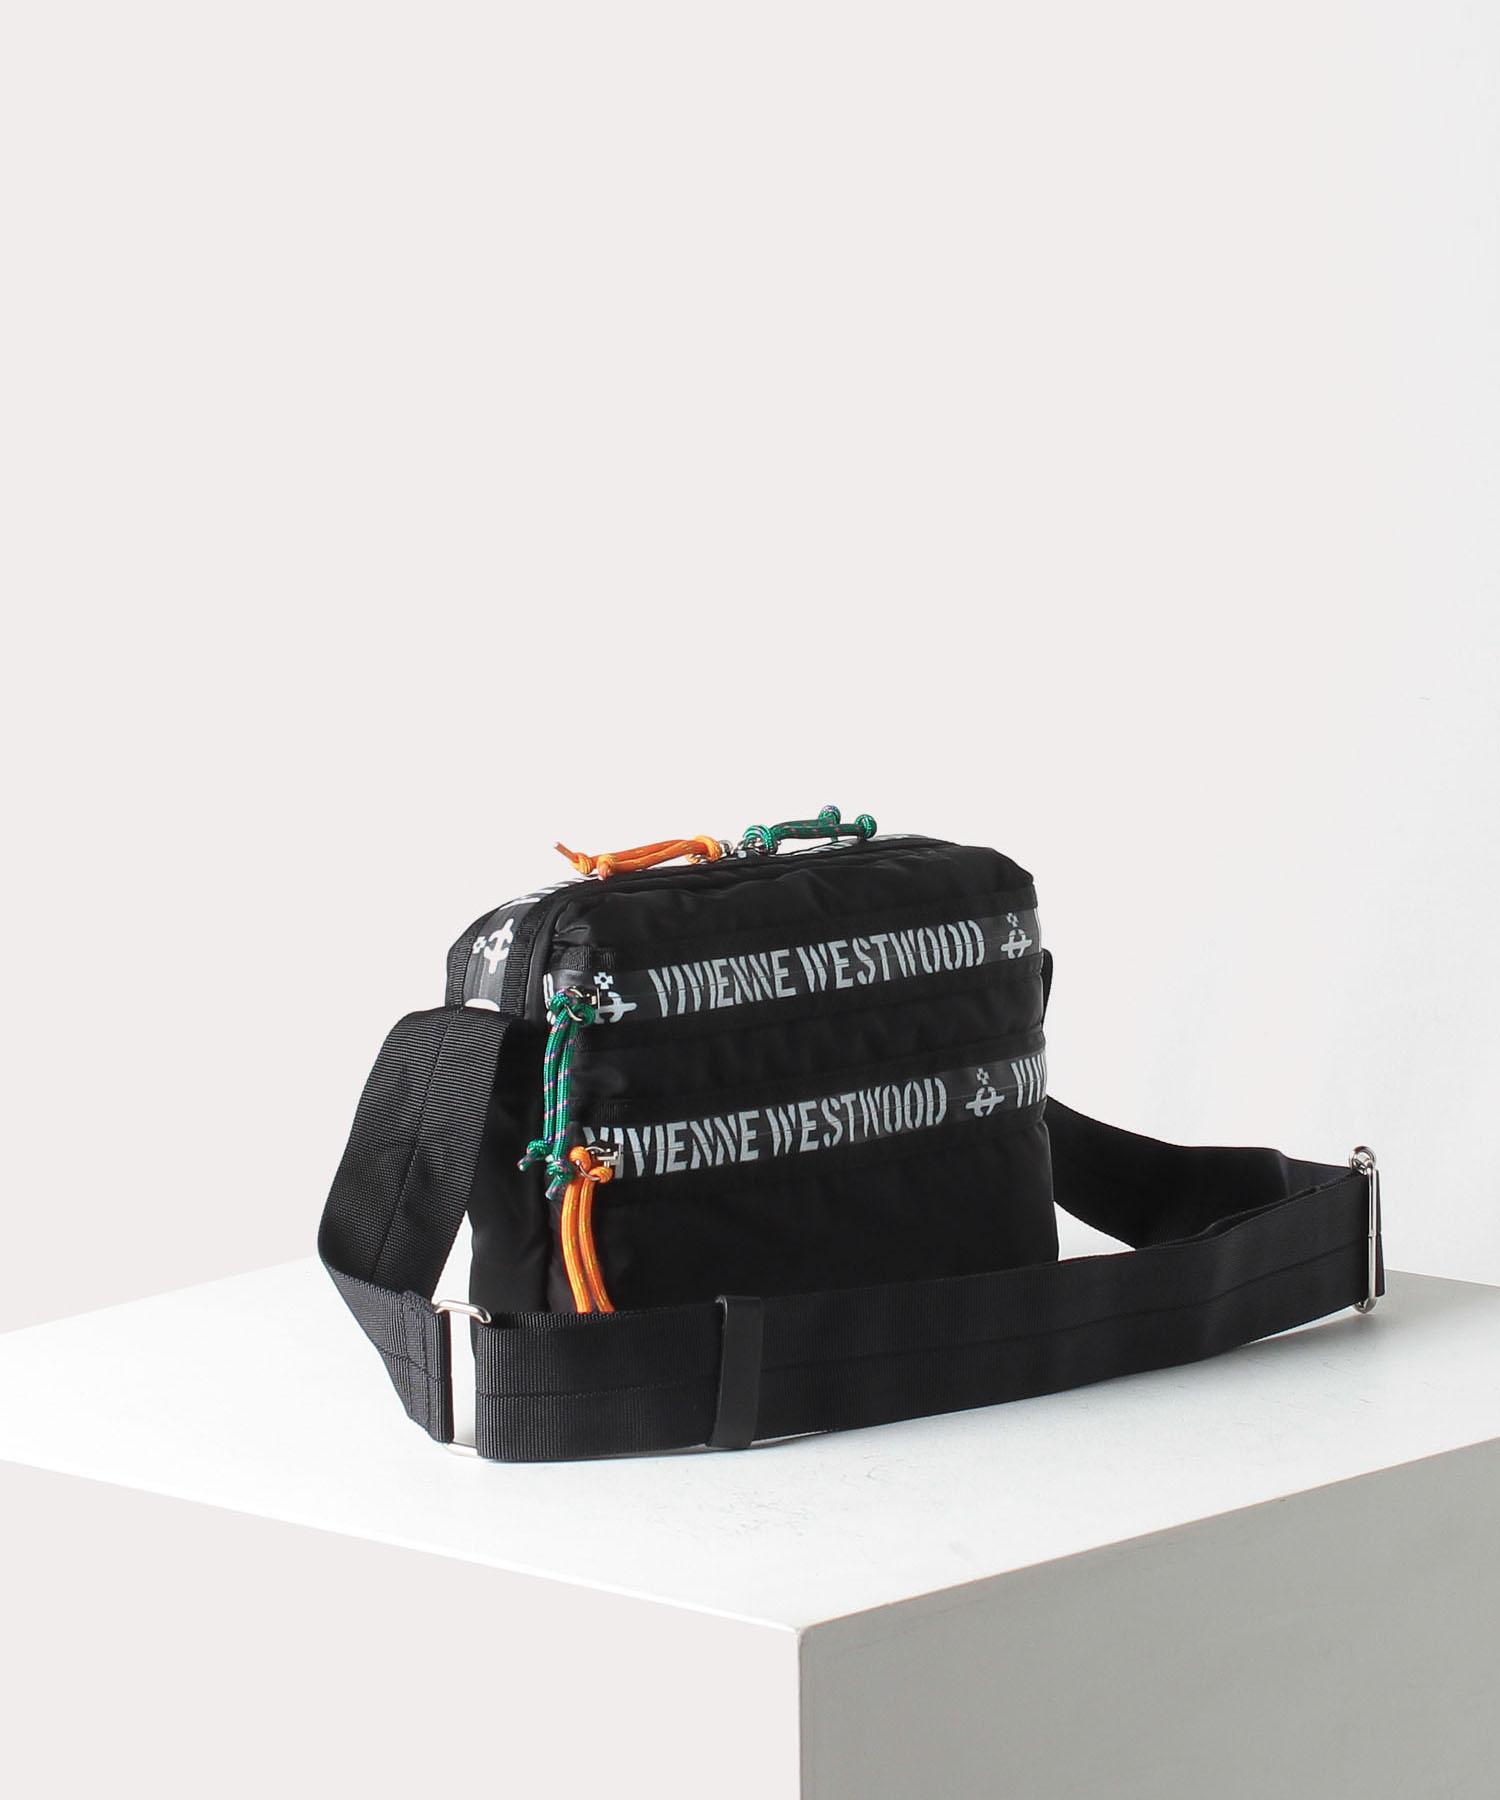 ヒロープ メンズショルダーバッグ